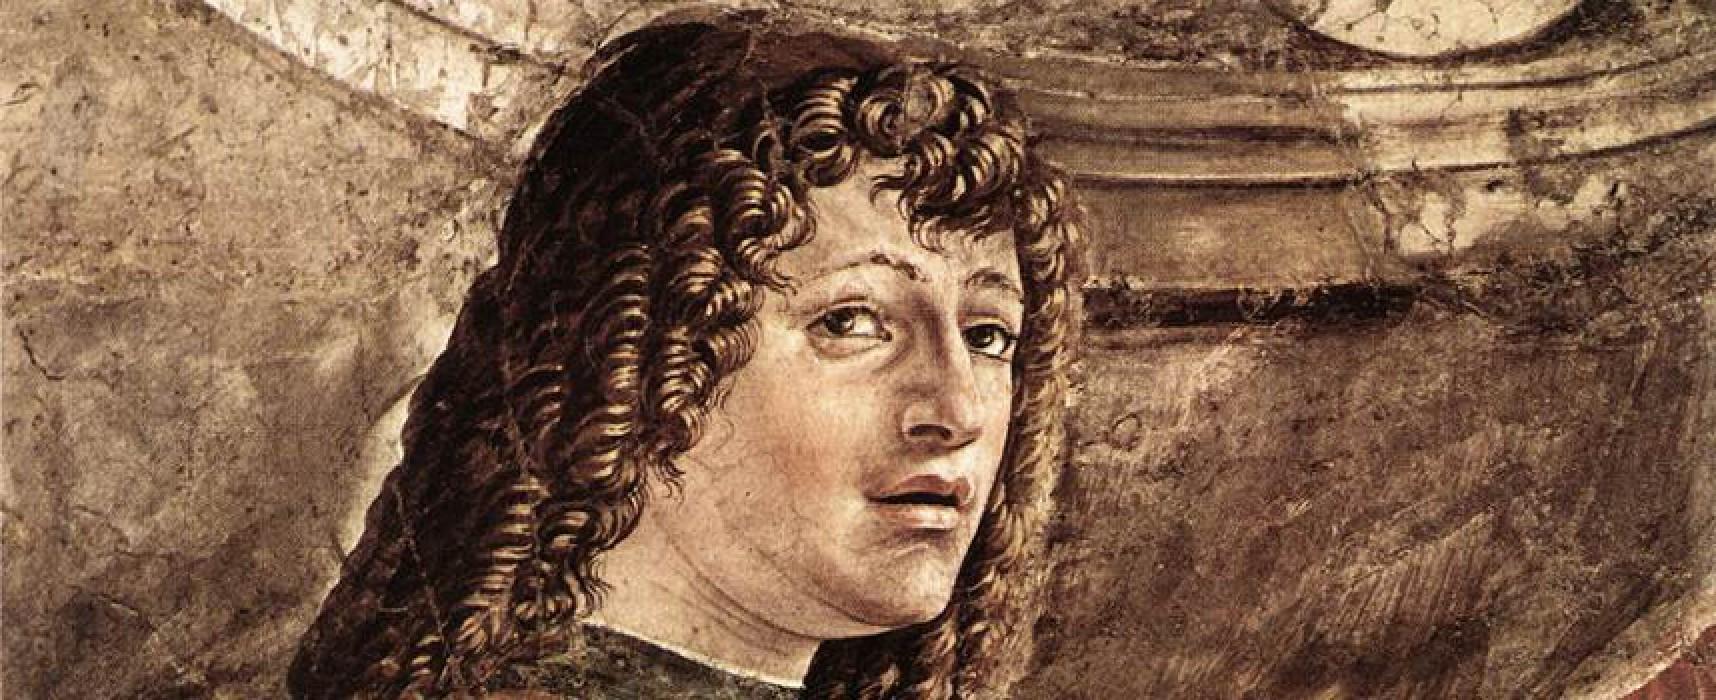 500 anni dalla scomparsa di Bramante, concerto multisensoriale al Liceo